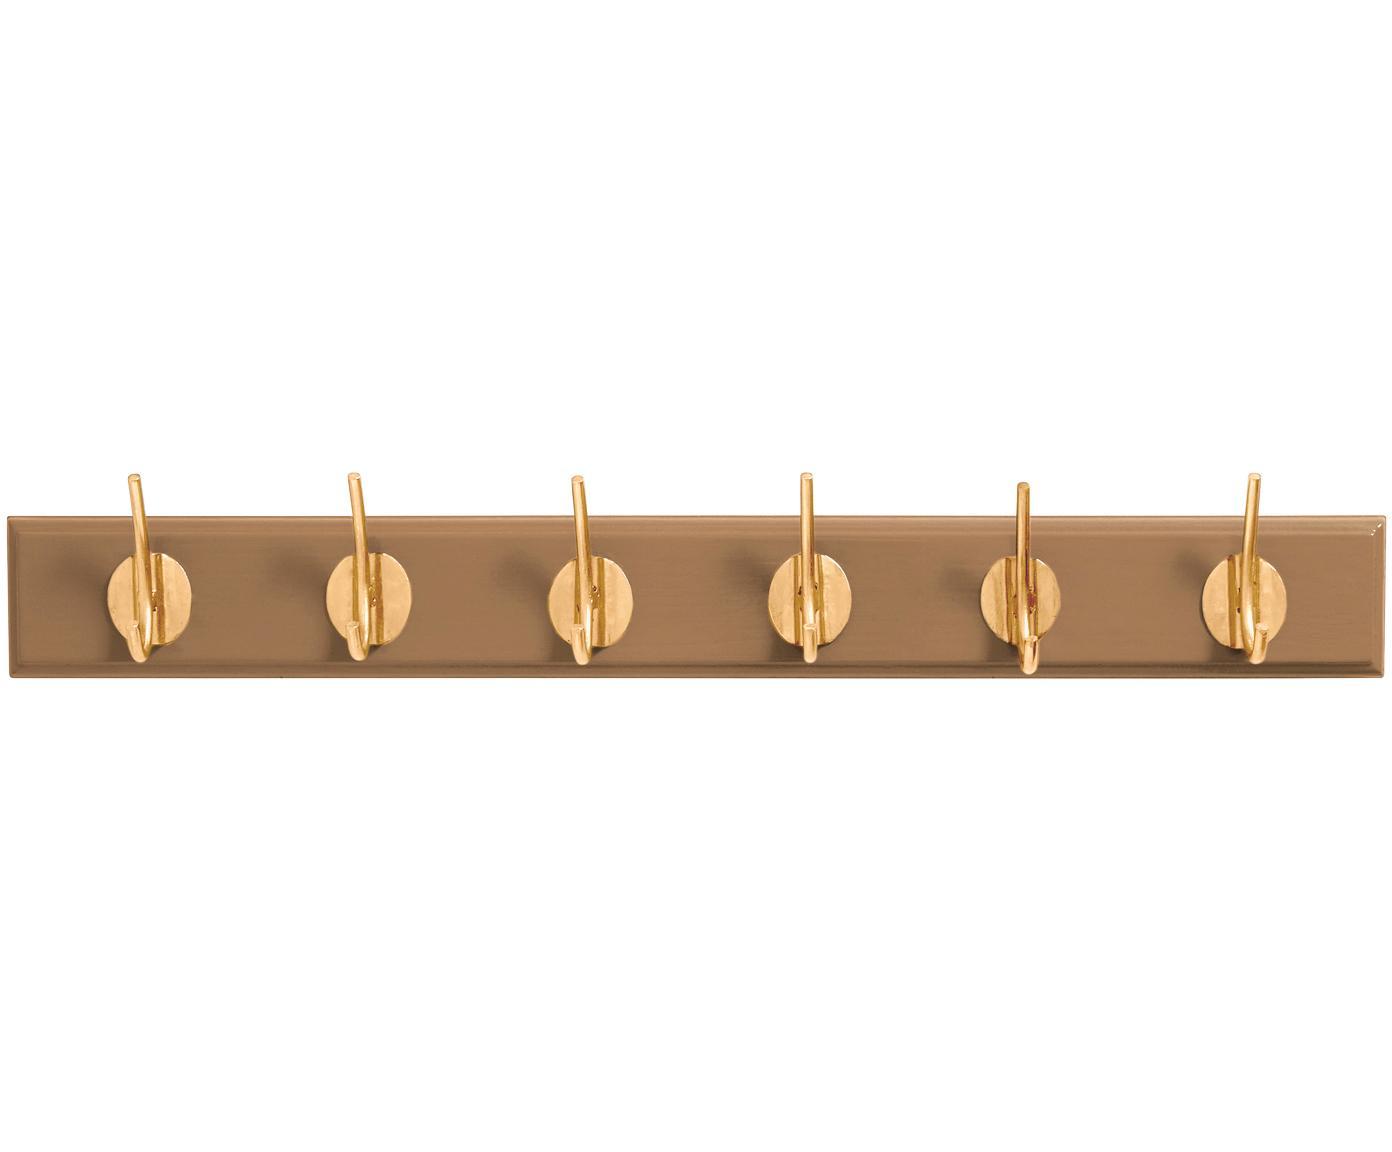 Wieszak ścienny Aoife, Kamelowy brązowy, S 60 x W 7 cm